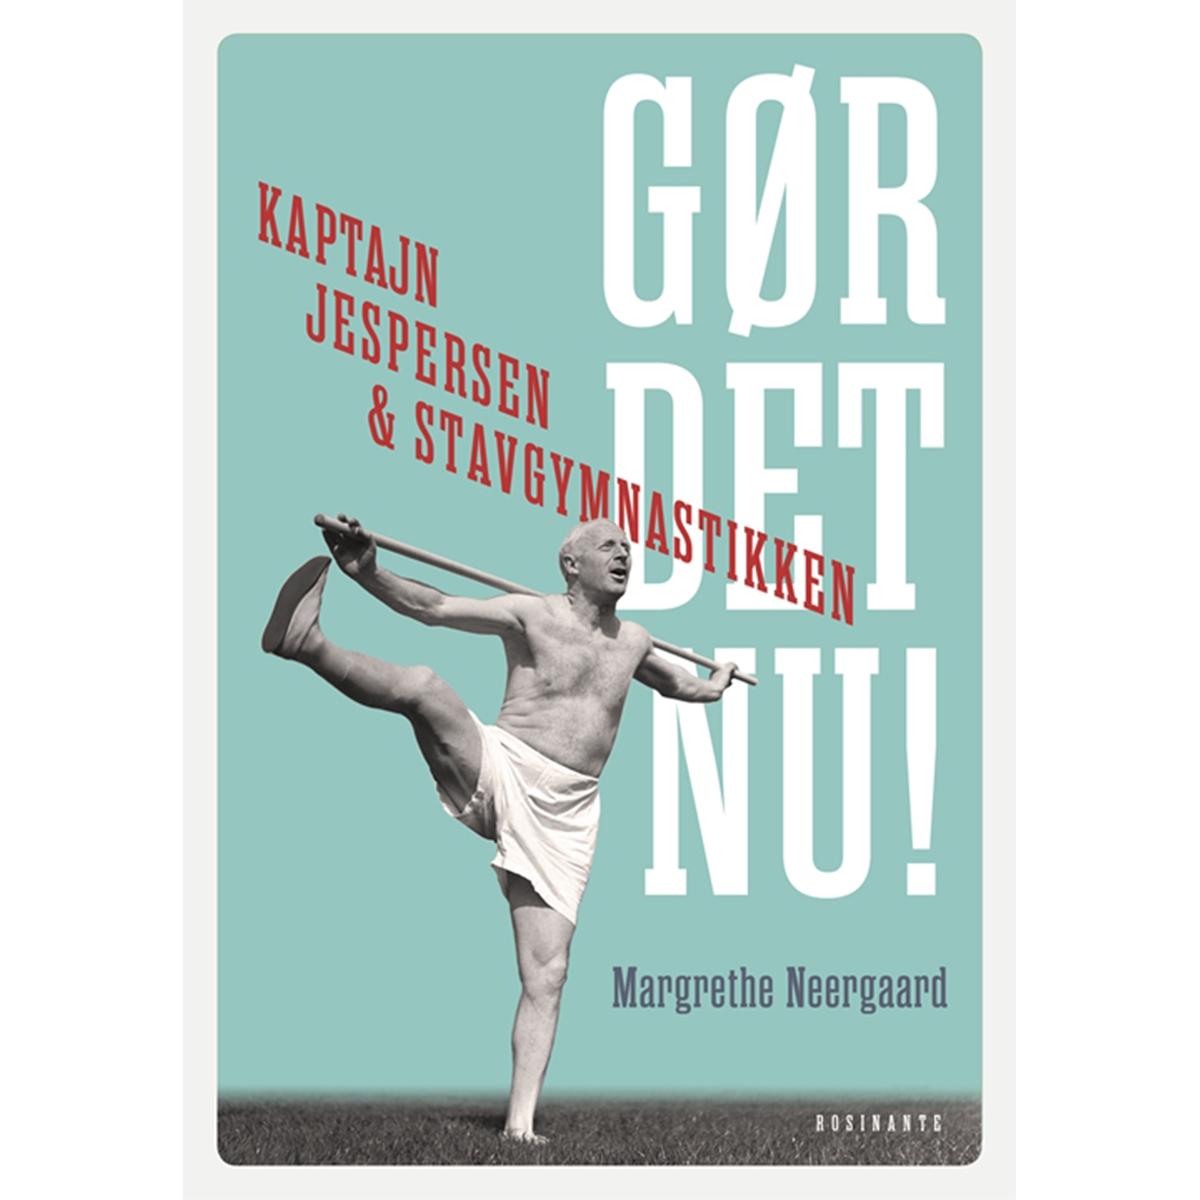 Gør det nu! - Kaptajn Jespersen og stavgymnastikken - Indbundet